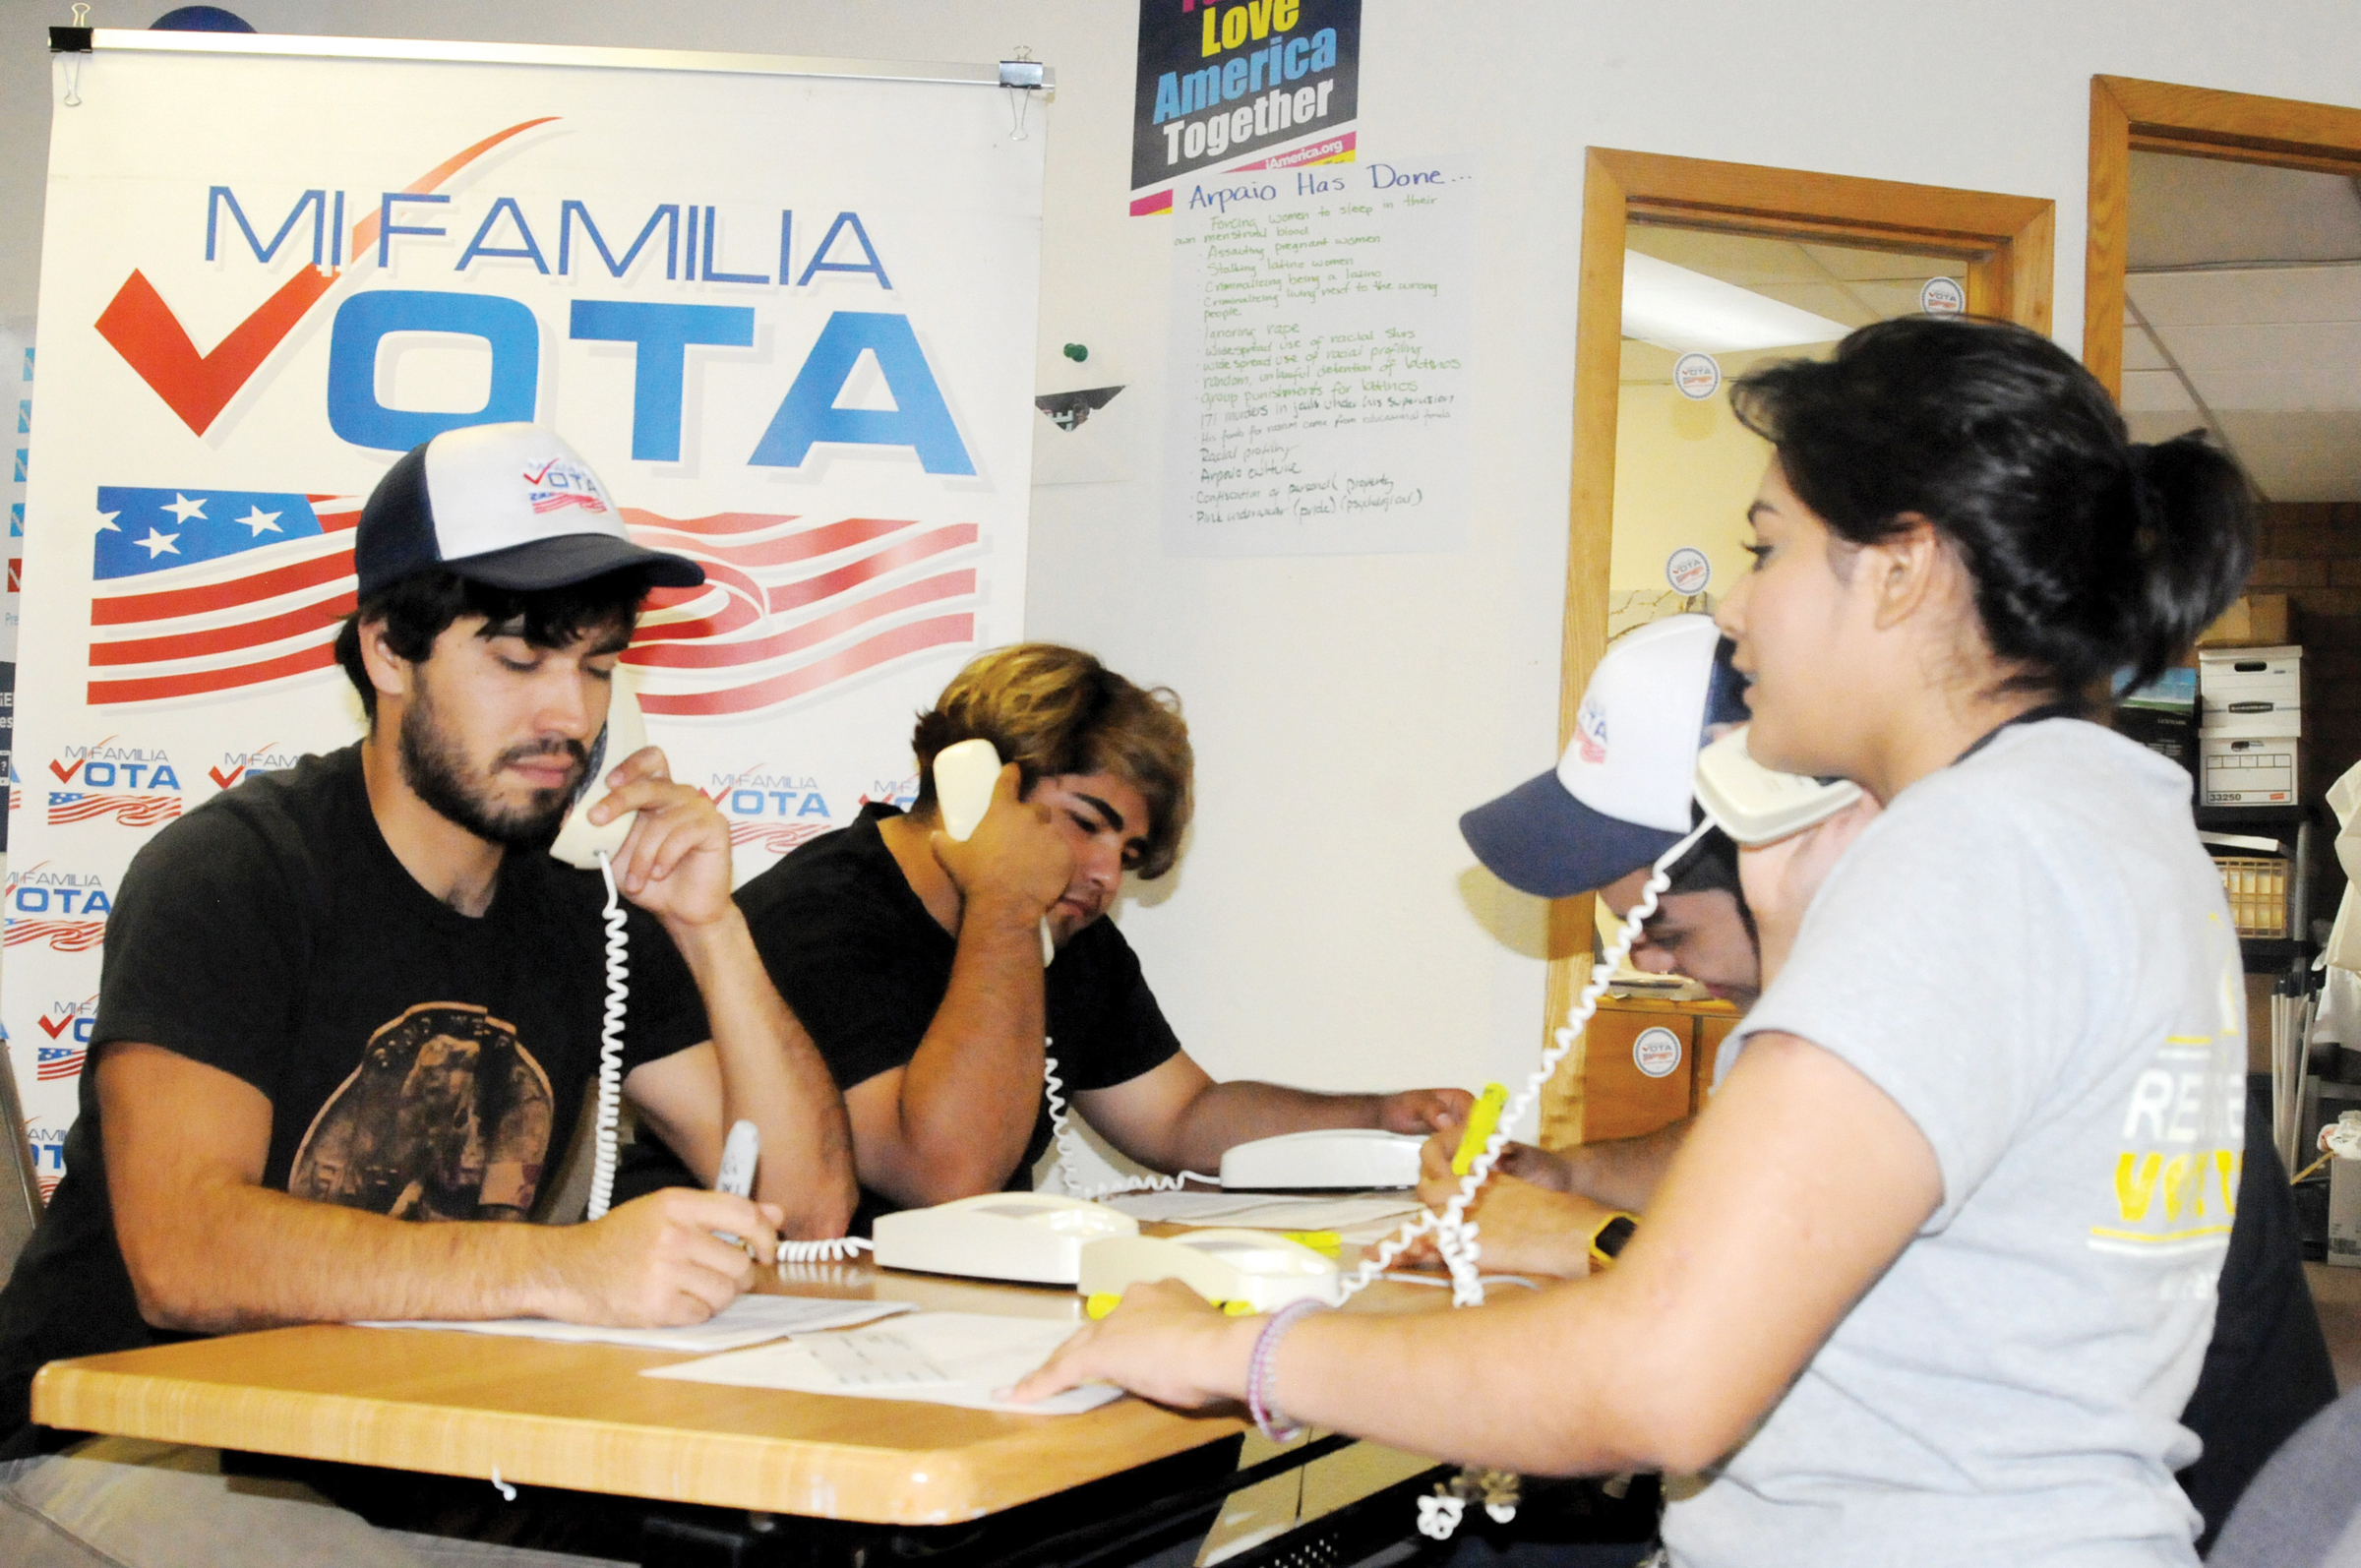 Invitan a latinos a votar en noviembre